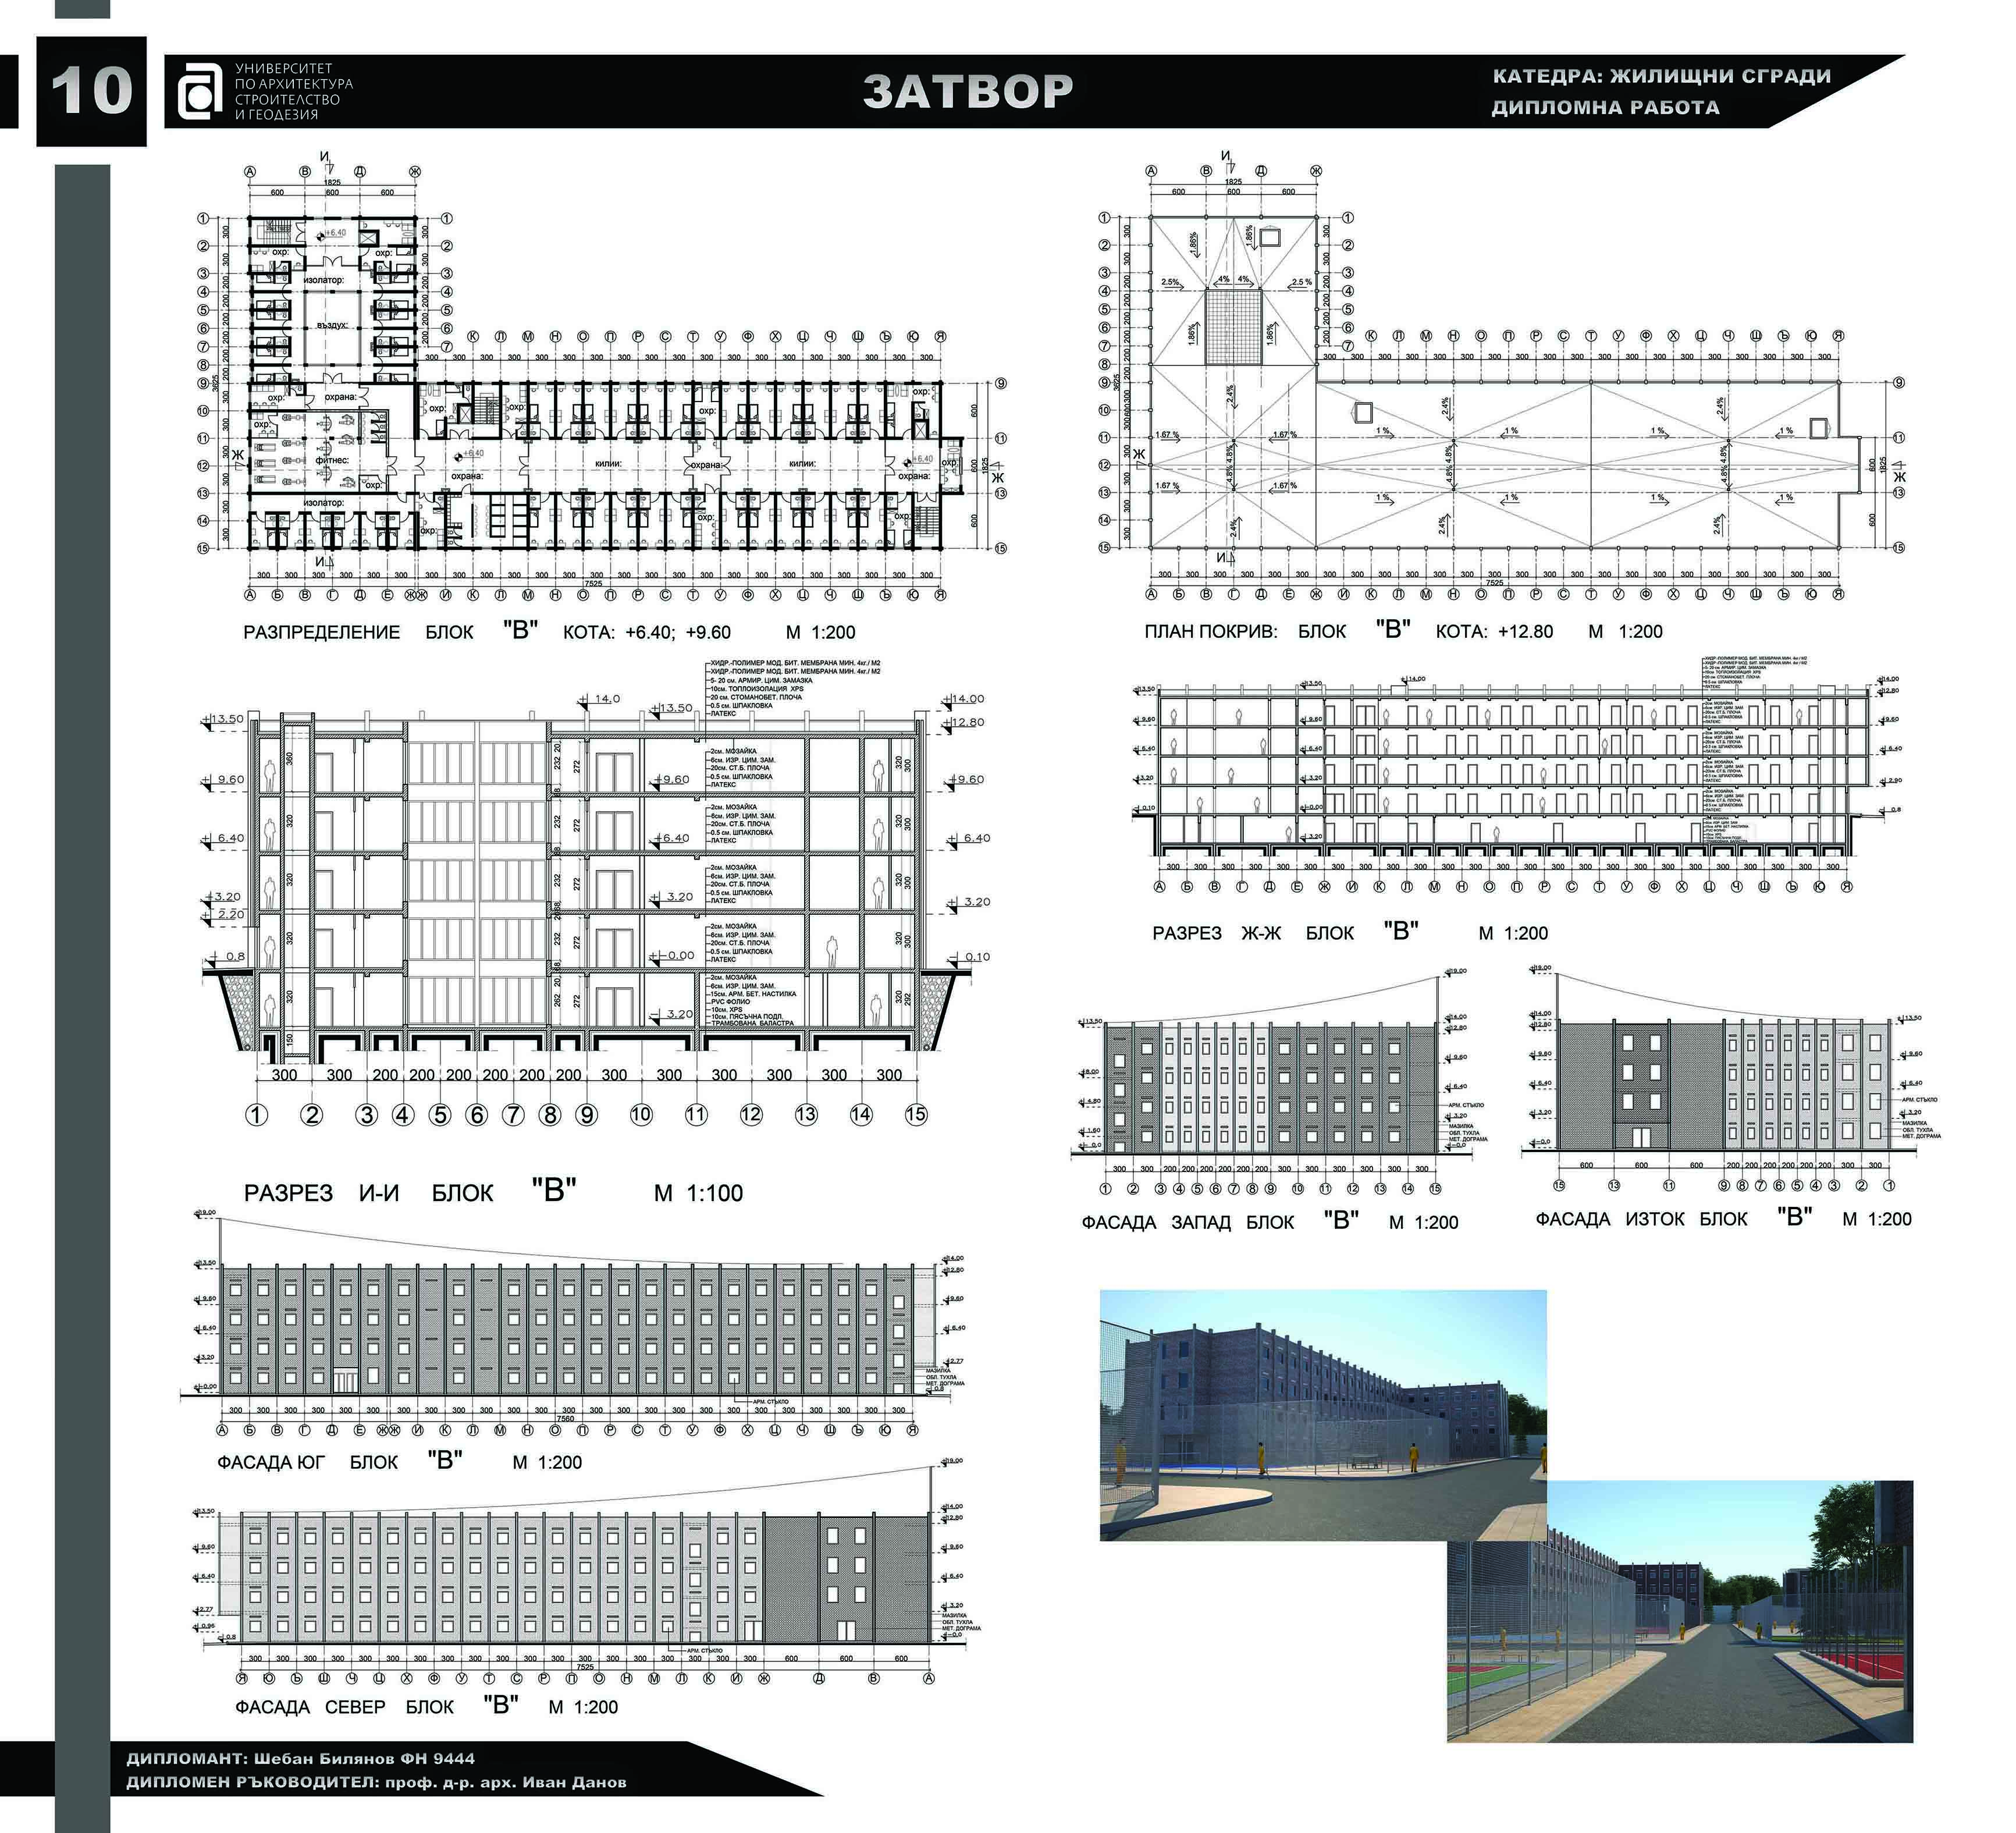 TABLO 10-10